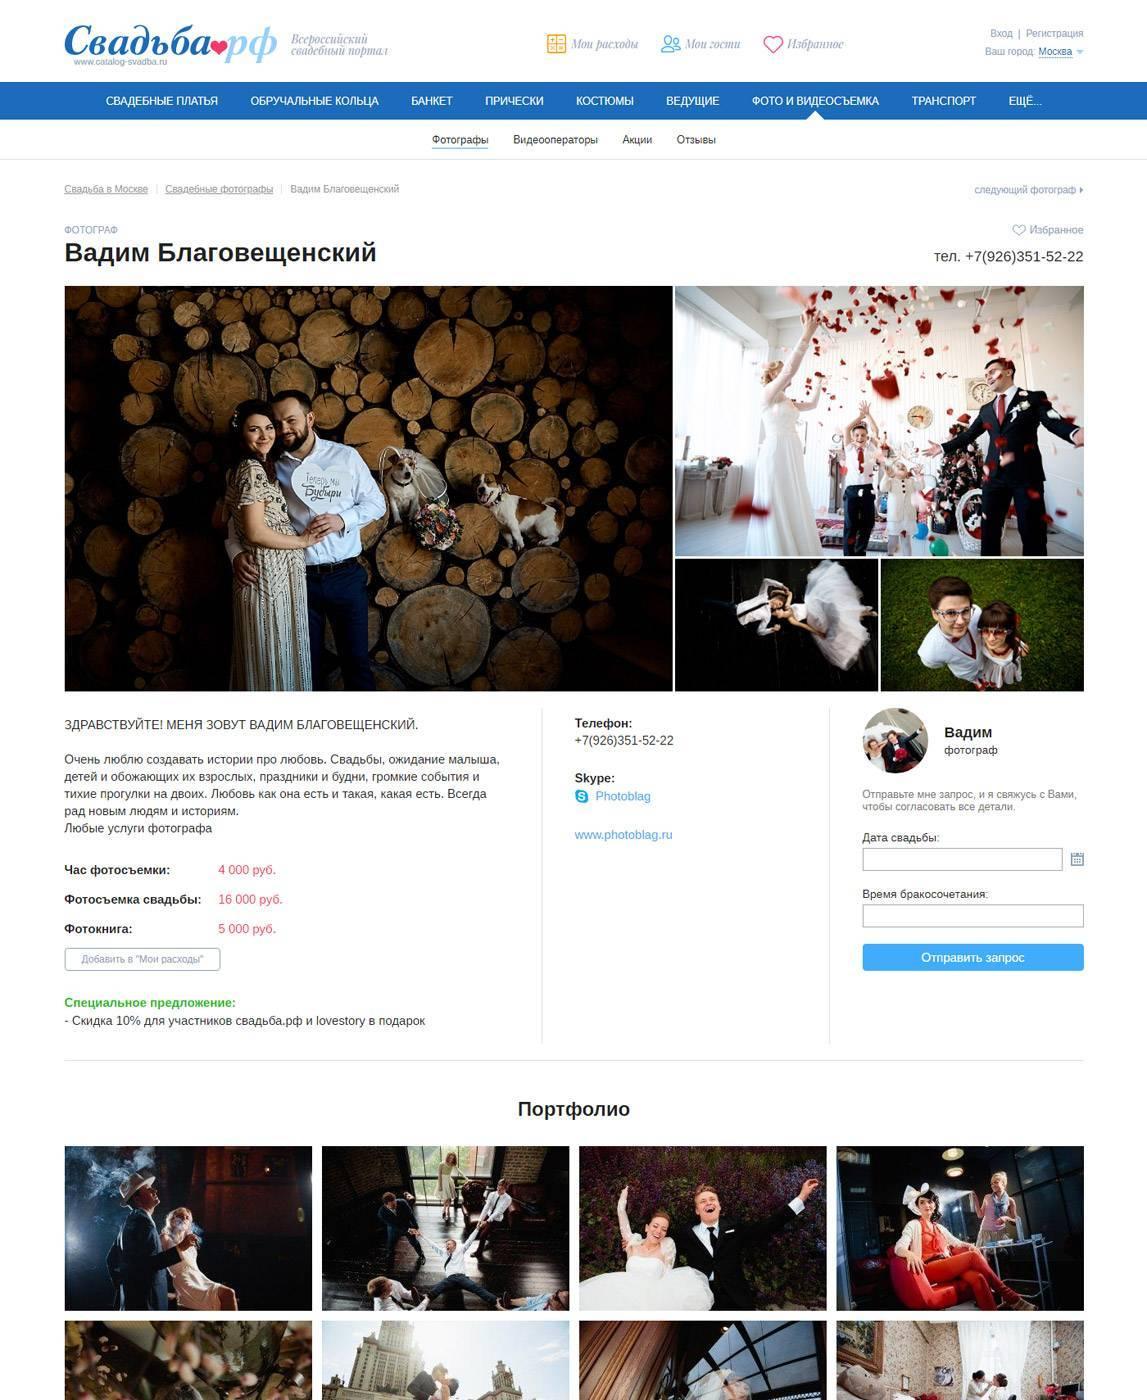 Свадебные аксессуары (72 фото): какие изделия ручной работы нужны для оформления свадьбы? изготовление комплектов аксессуаров для свидетелей и гостей